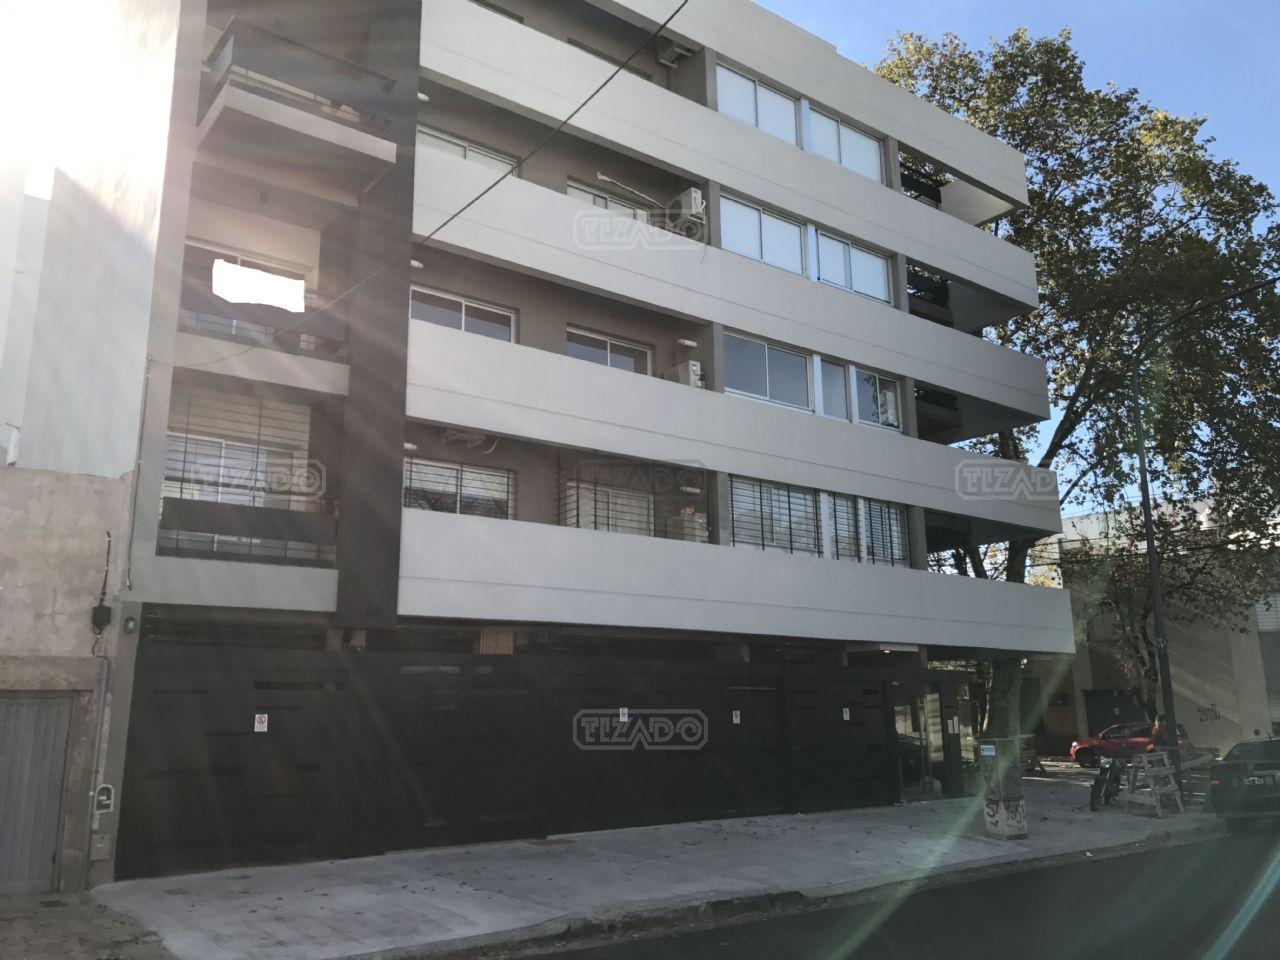 Departamento  en Venta ubicado en Villa Devoto, Capital Federal - DEV0139_LP119042_2